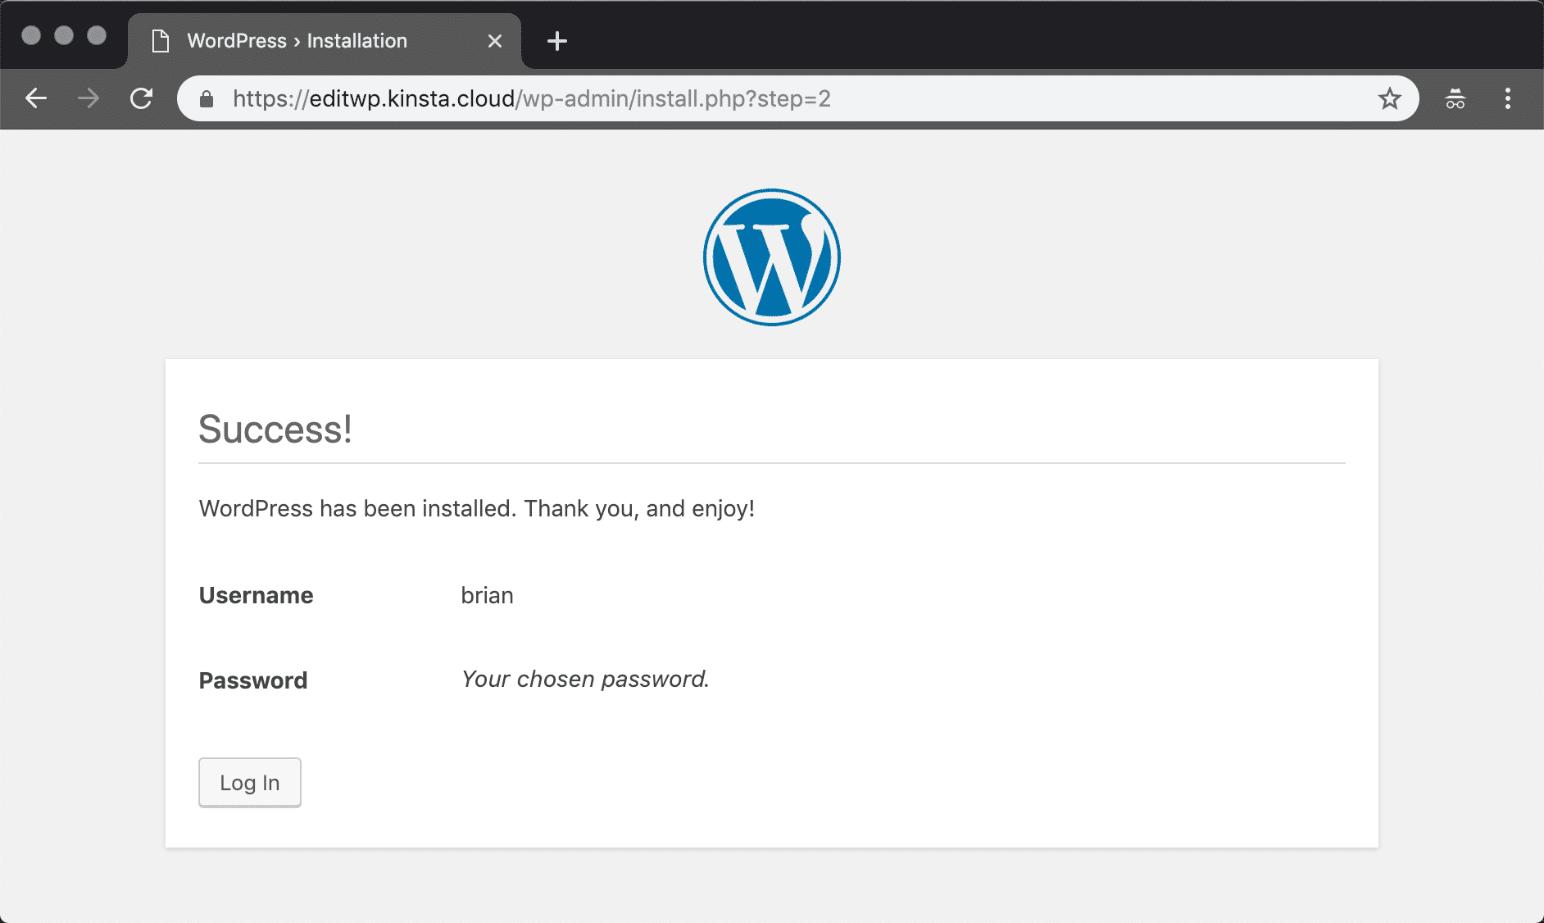 WordPress is succesvol handmatig geïnstalleerd